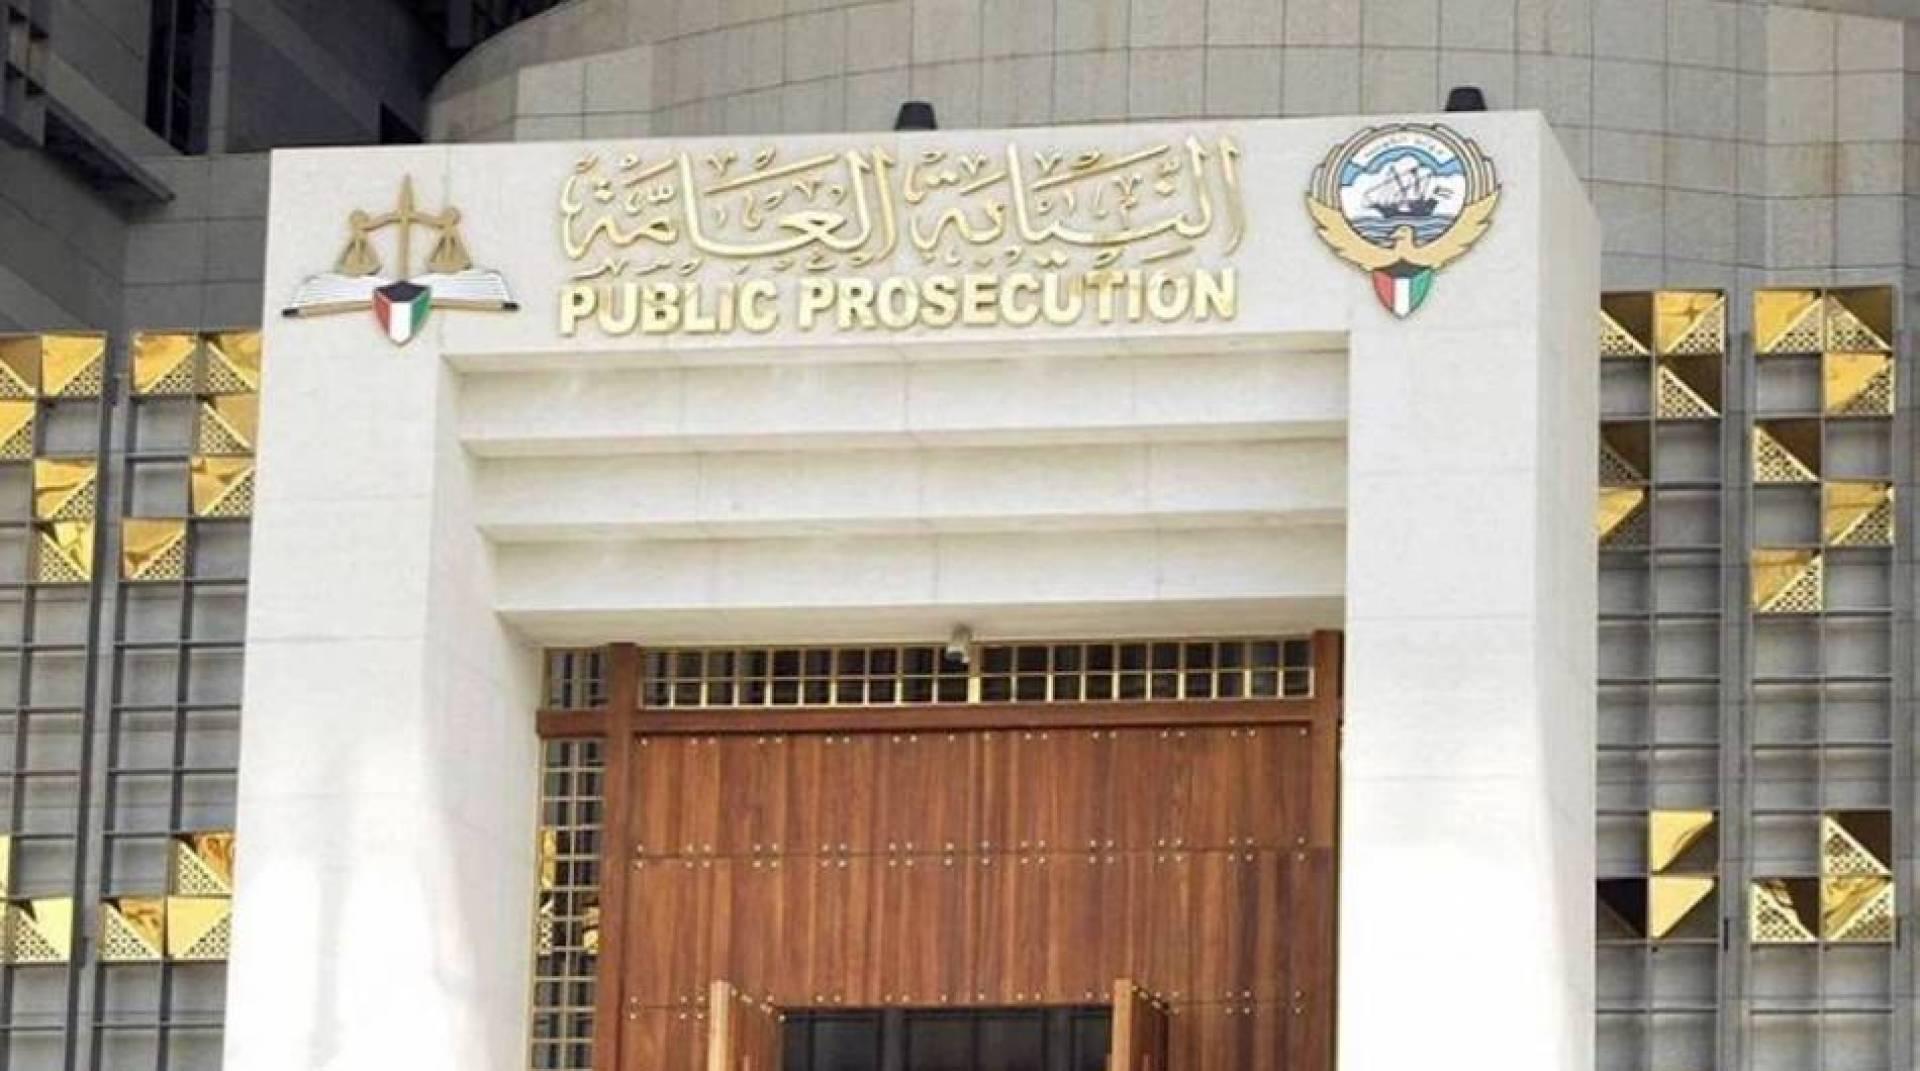 إطلاق سراح مرشحي الانتخابات الفرعية في الدائرة الثانية